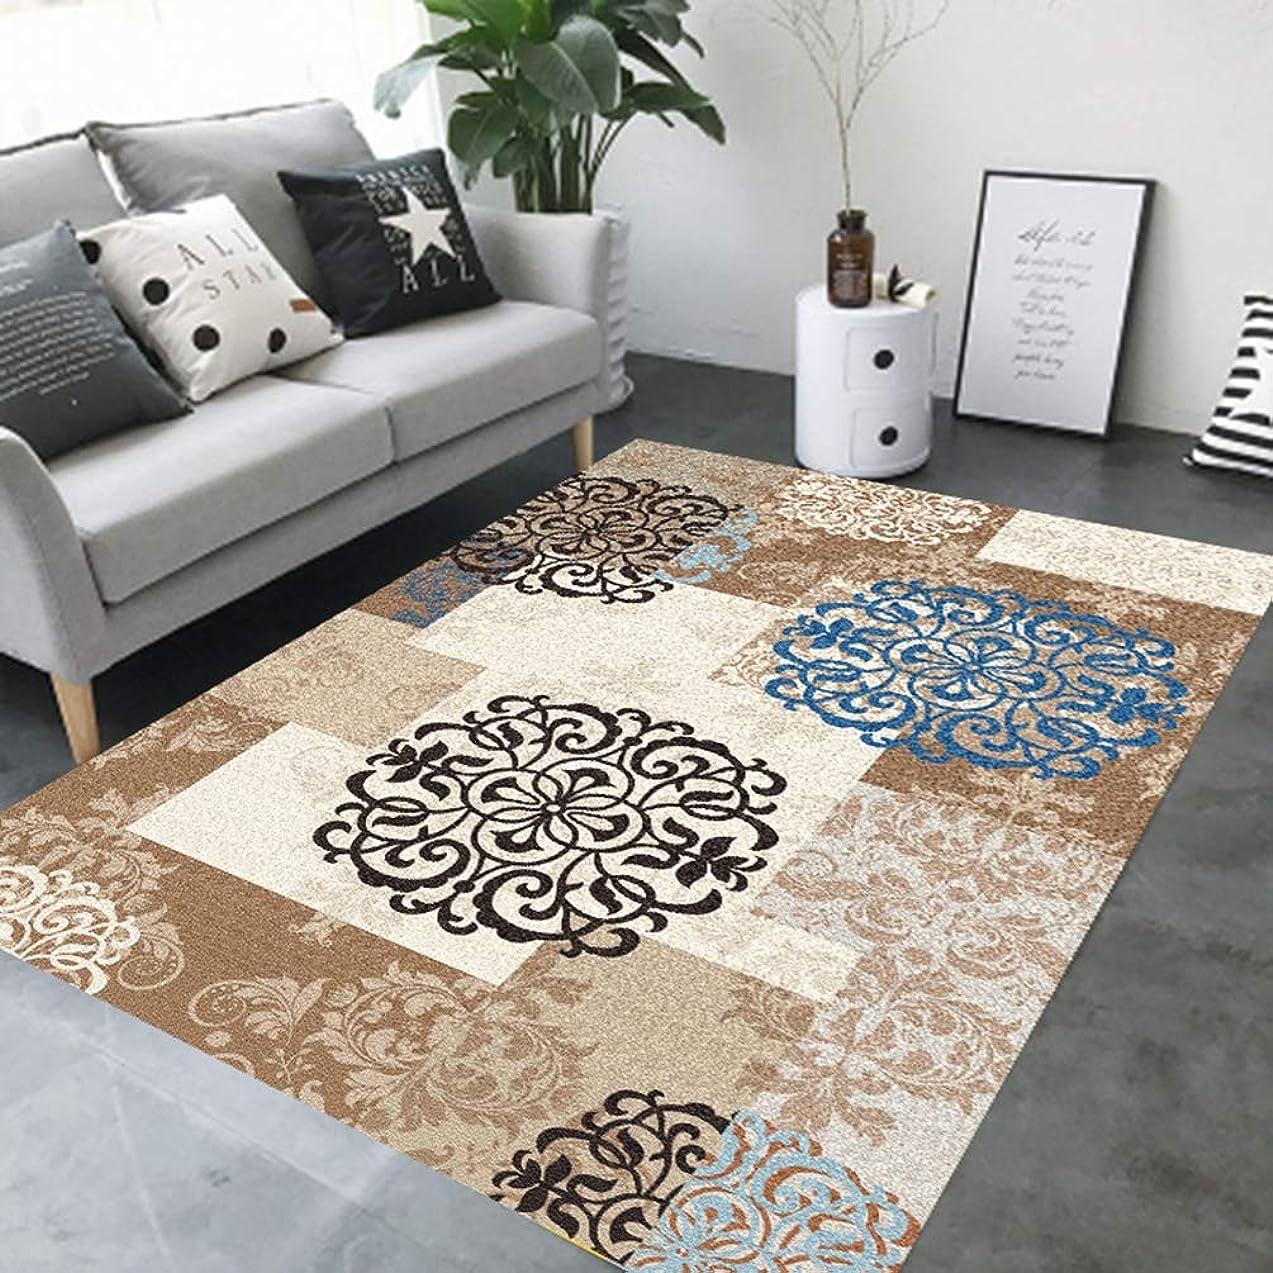 畝間より多いつづりリビングラグ カーペット 寝室 書斎 洗濯可能 滑り止め加工 モダン ダイニング キッチン 幾何柄 幾何模様 シャギー 床暖房対応 ストライプ 北欧 クッション性 140X160CM グレー マット 絨毯